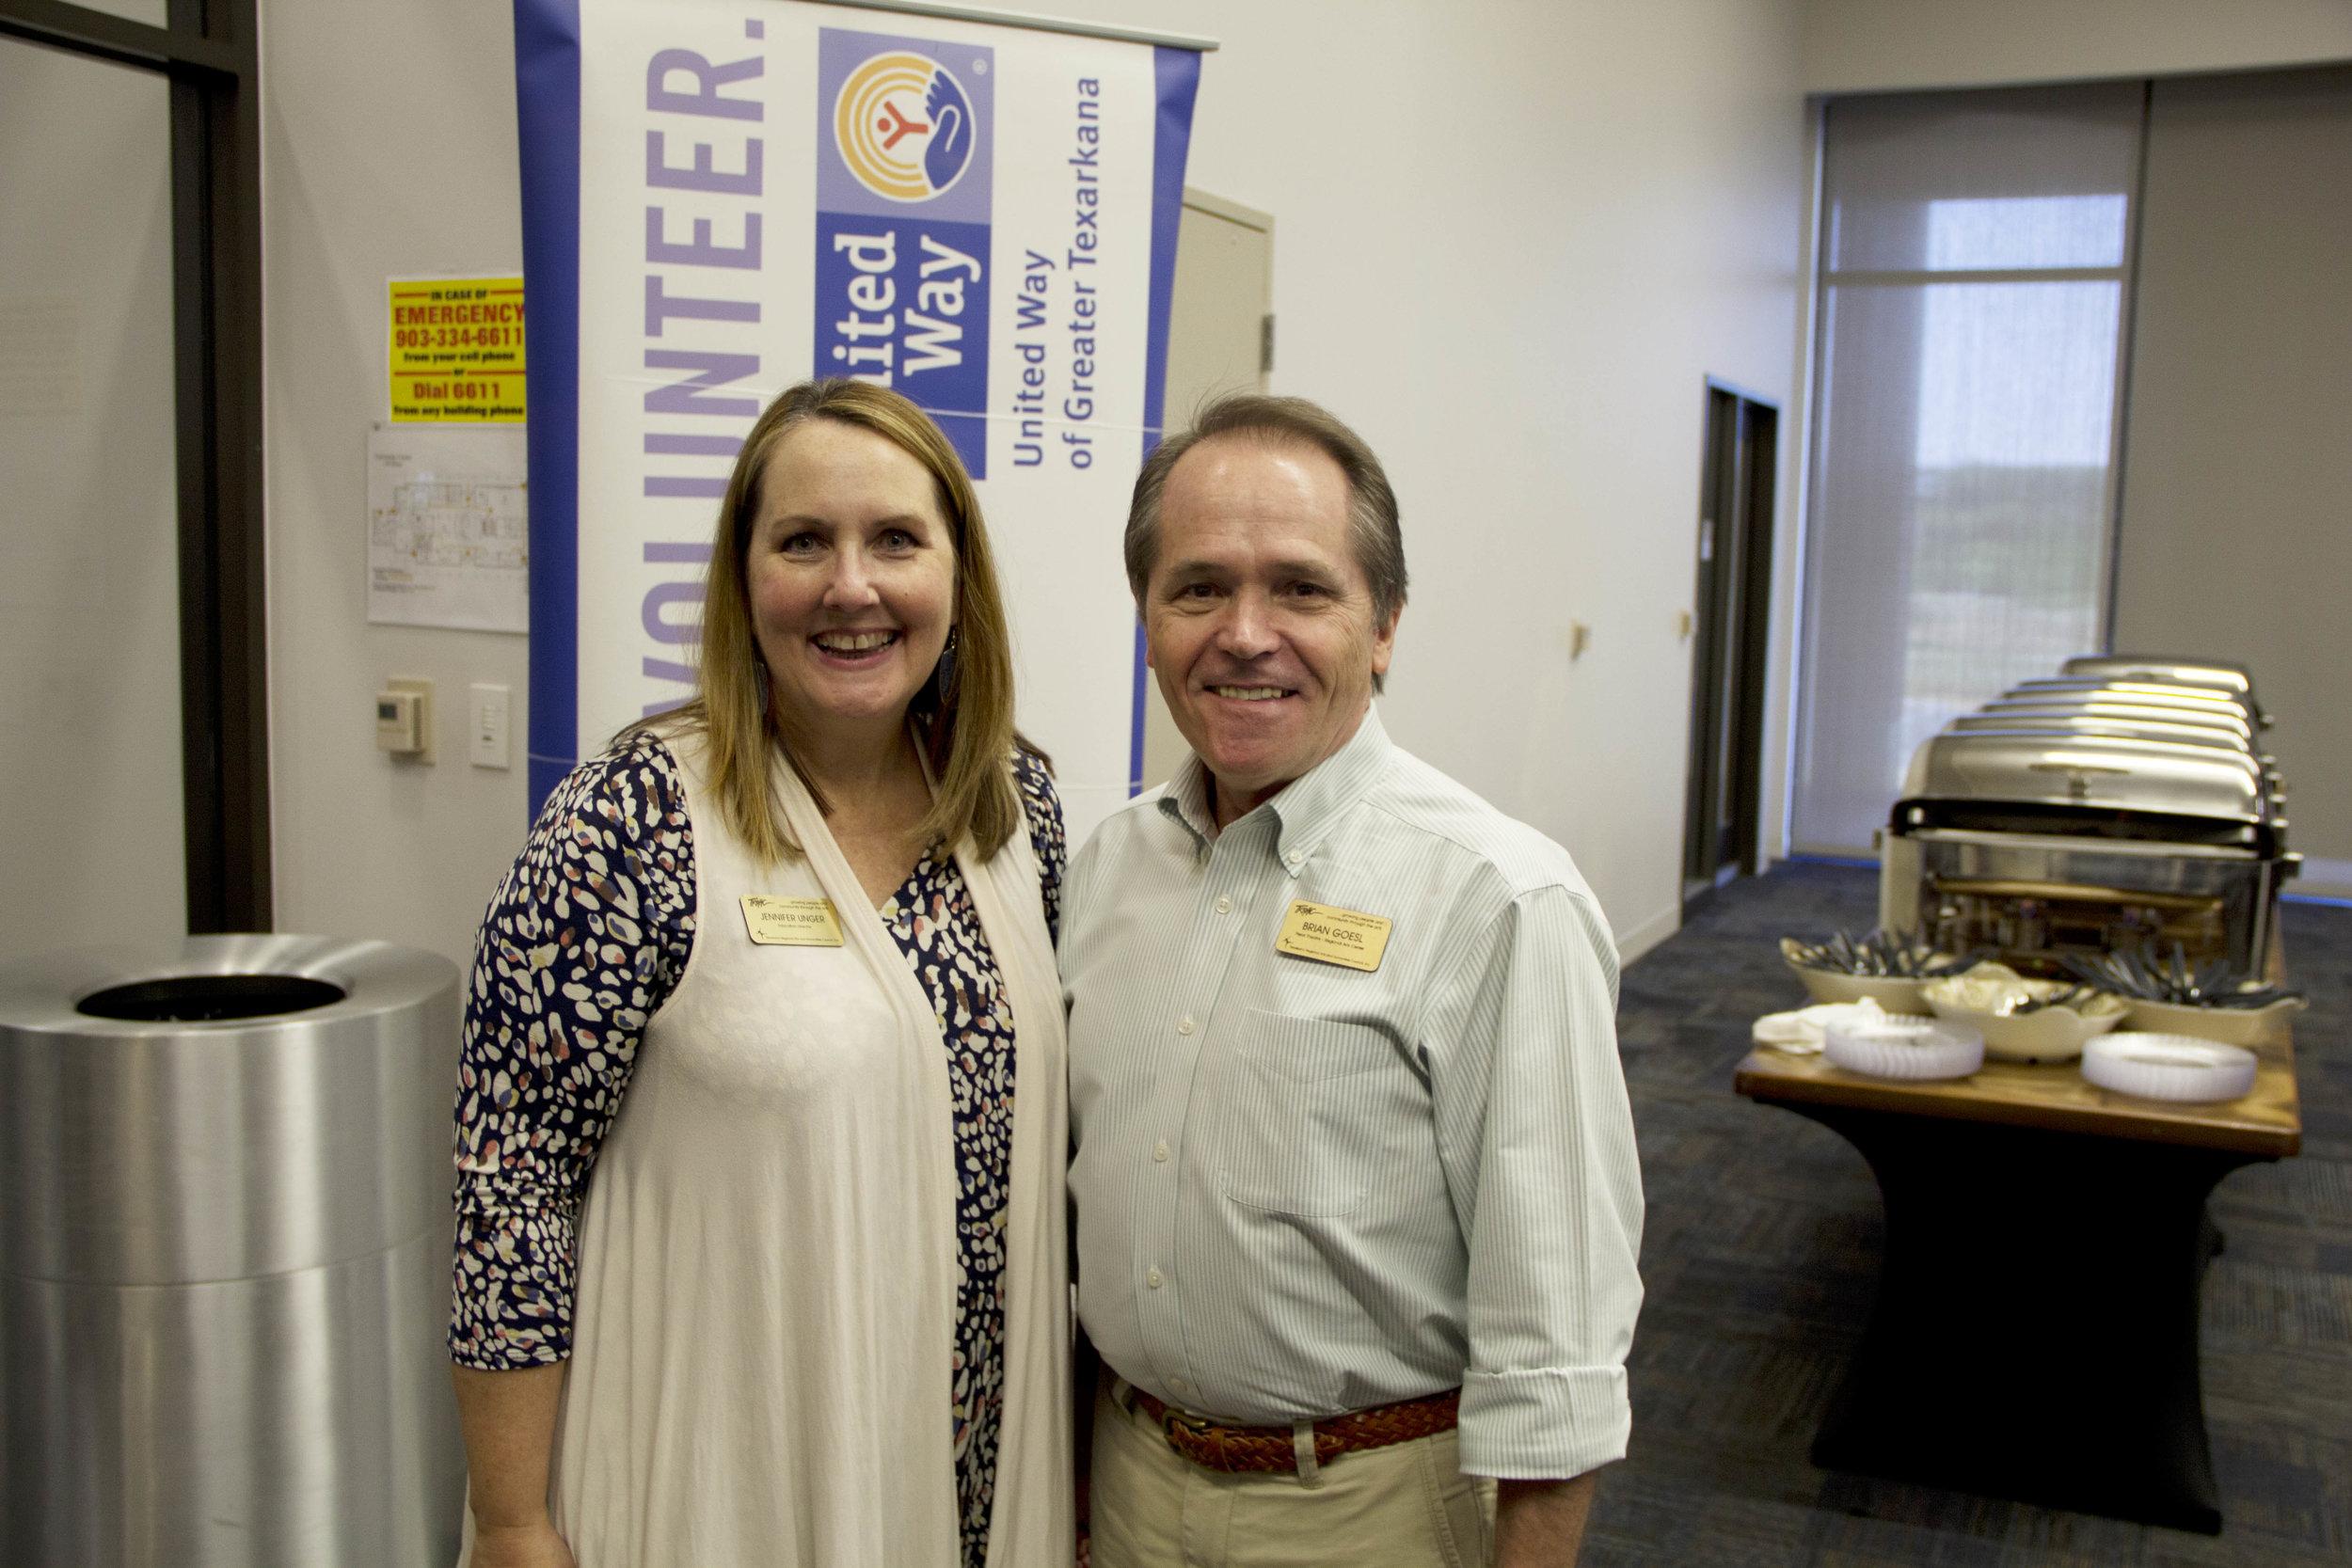 Jennifer Unger and Brian Goesl